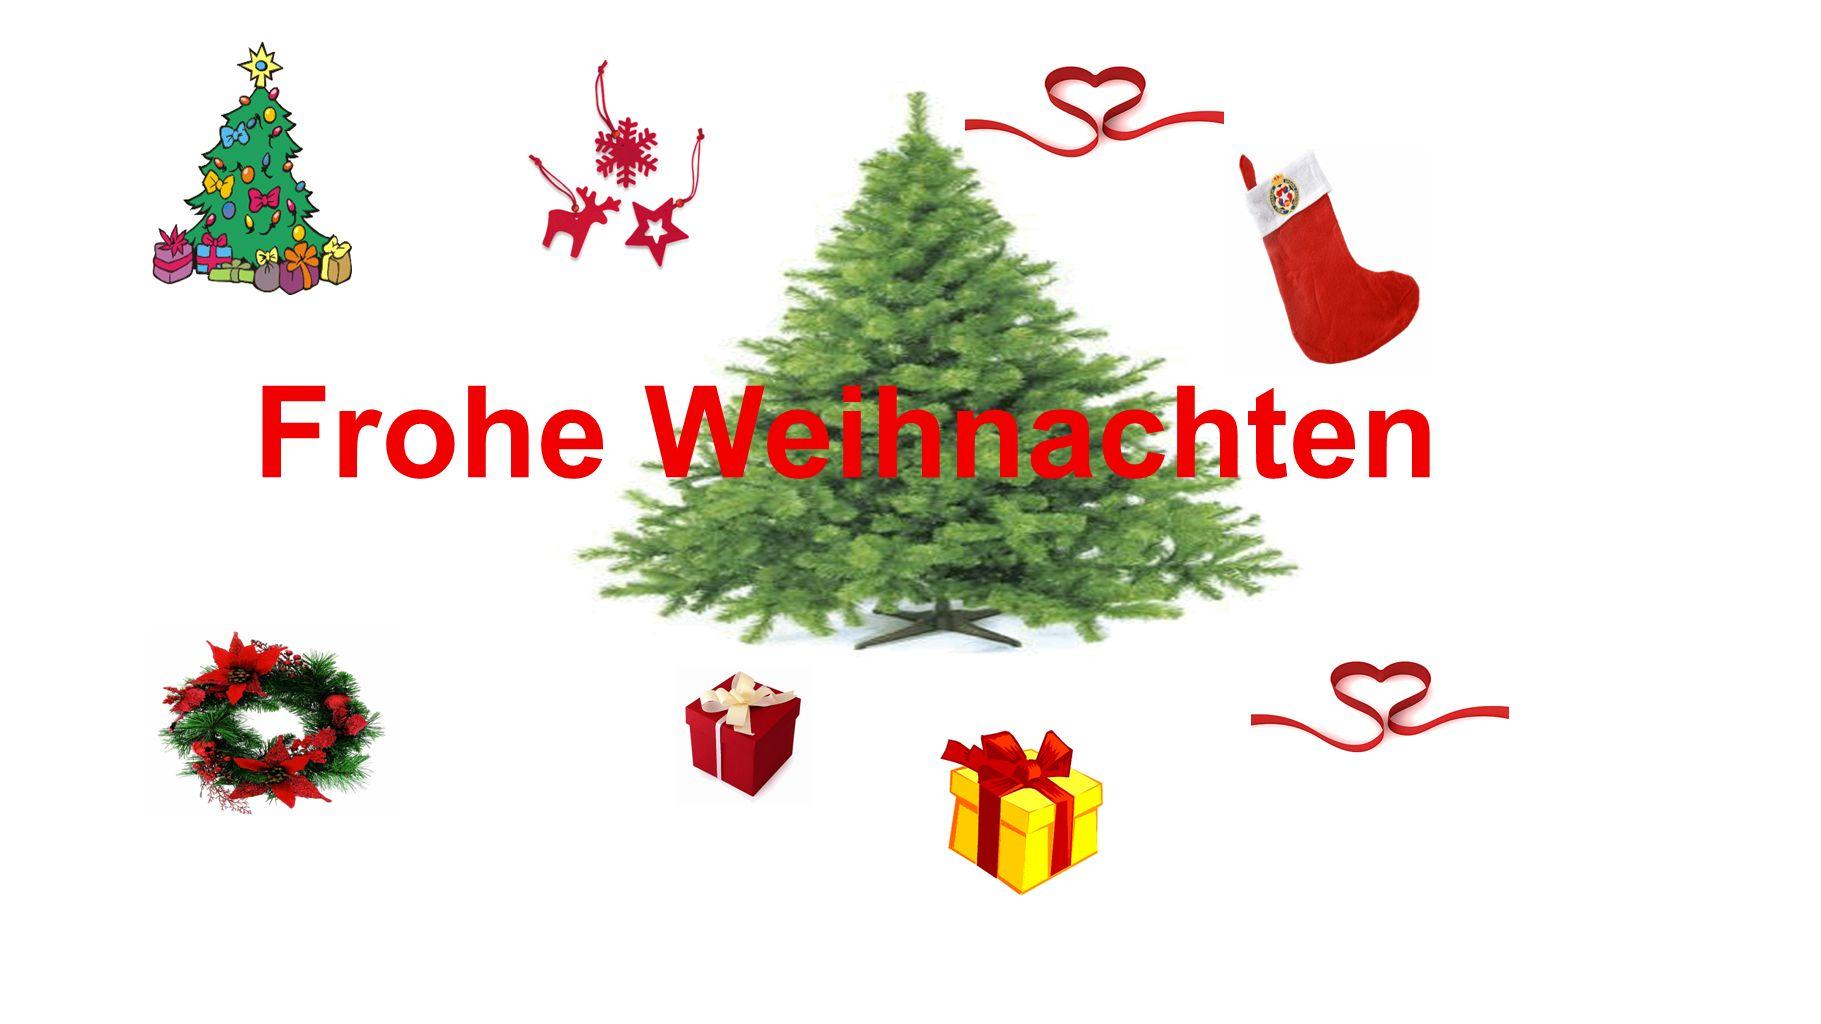 die Glaskugel der Tannenbaum die Kerze der Stern der Weihnachtskranz das Weihnachtslied die Plätzchen der Weihnachtsmann das Geschenk das Weihnachtsglöckchen Stille Nacht, heilige Nacht 24 Dezember der Heiligabend